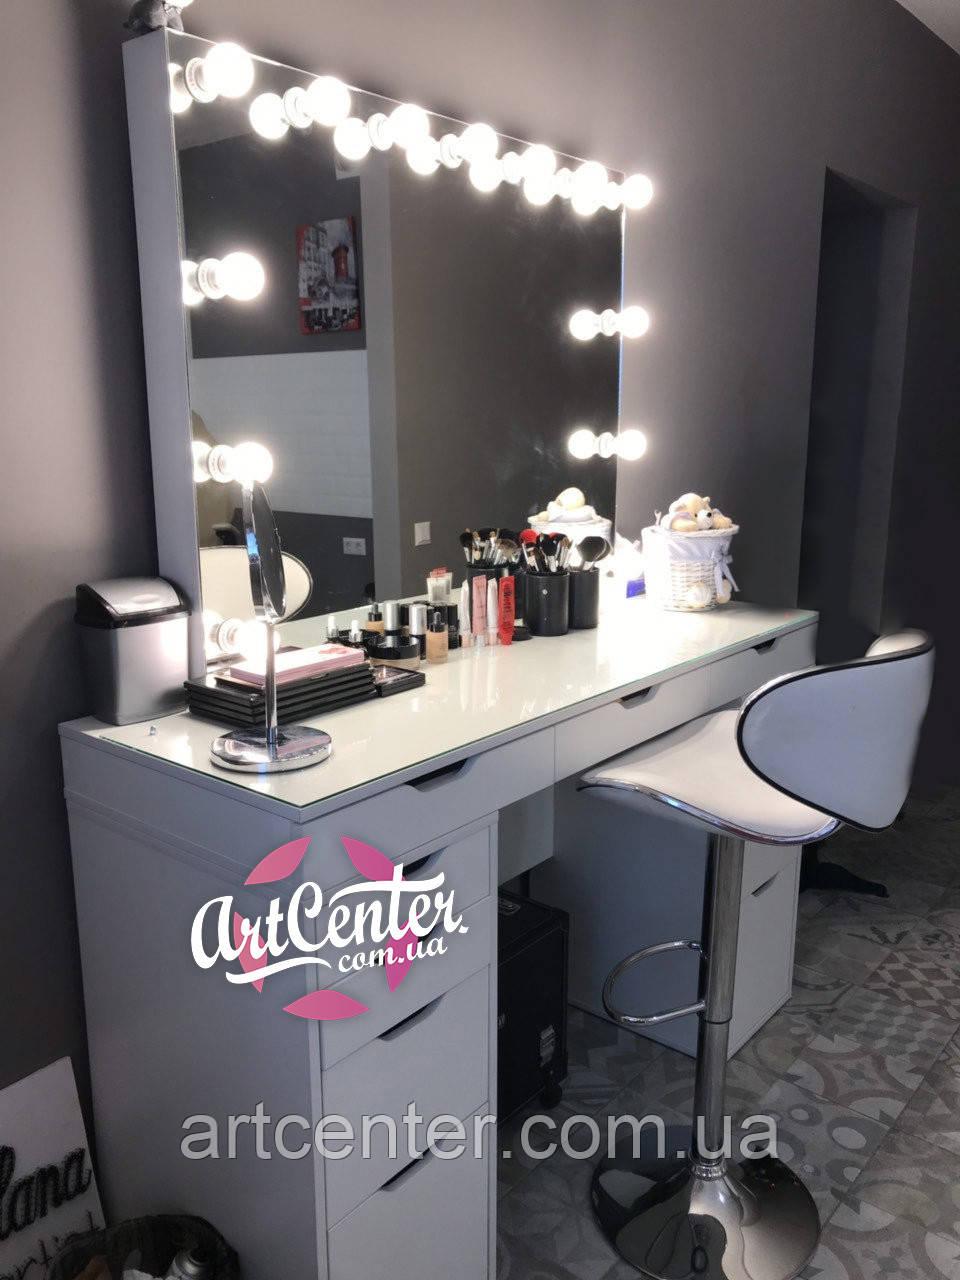 Гримерный стол, туалетный стол с ящиками, стол для макияжа с зеркалом